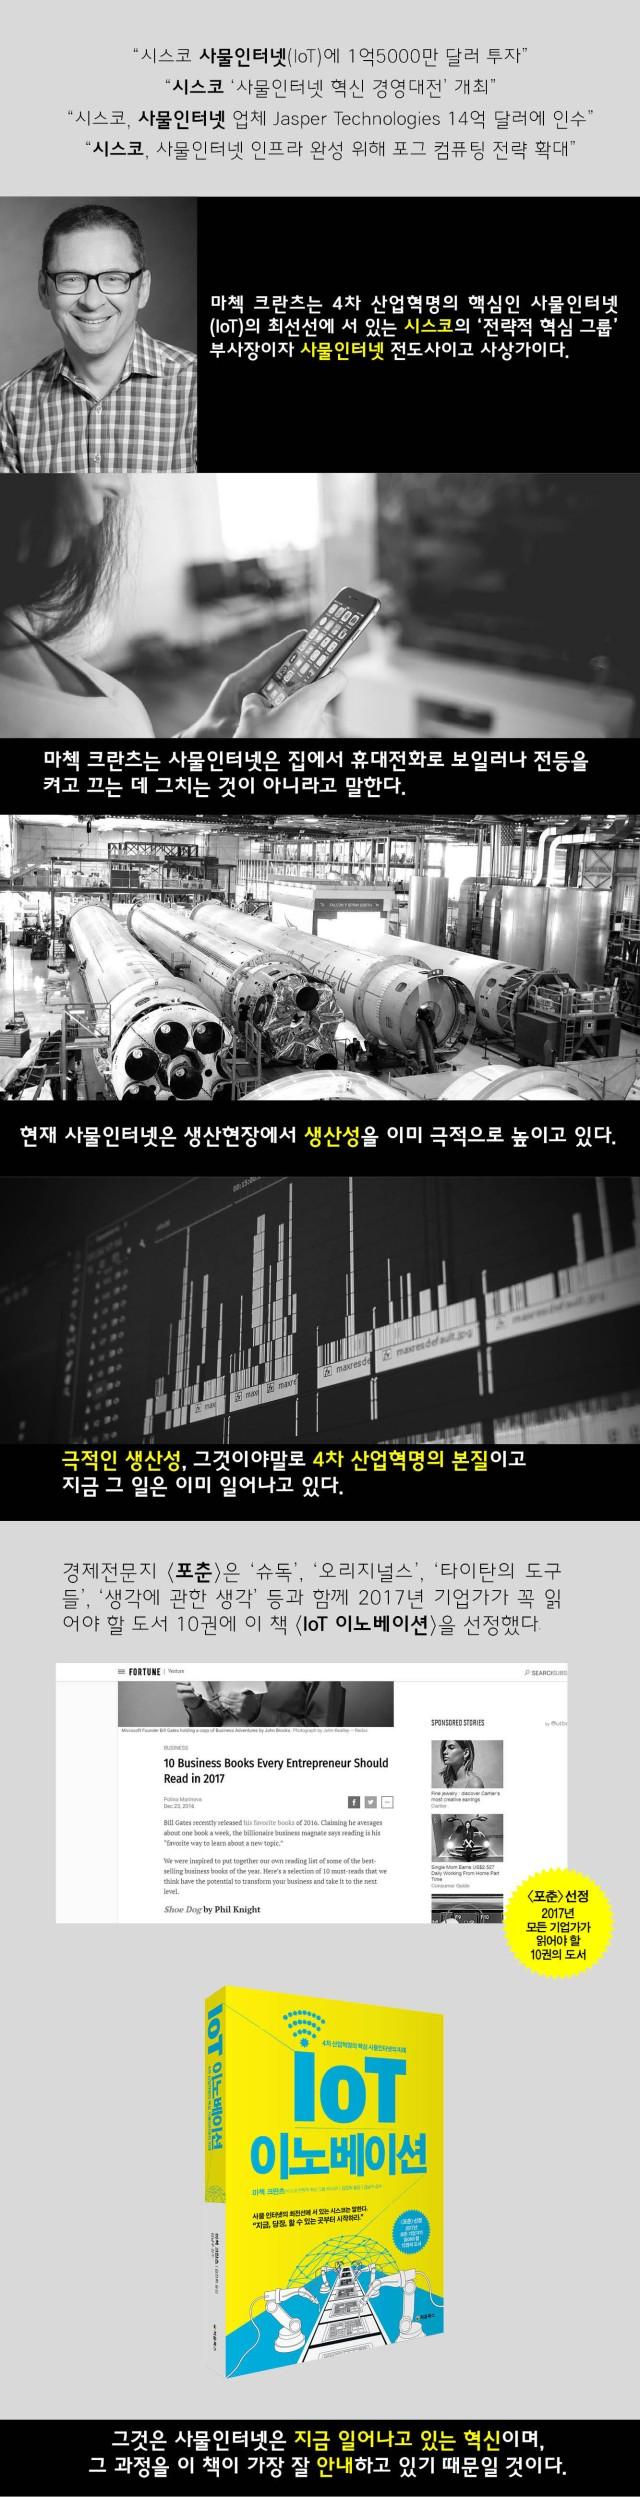 IoT 이노베이션_미리보기